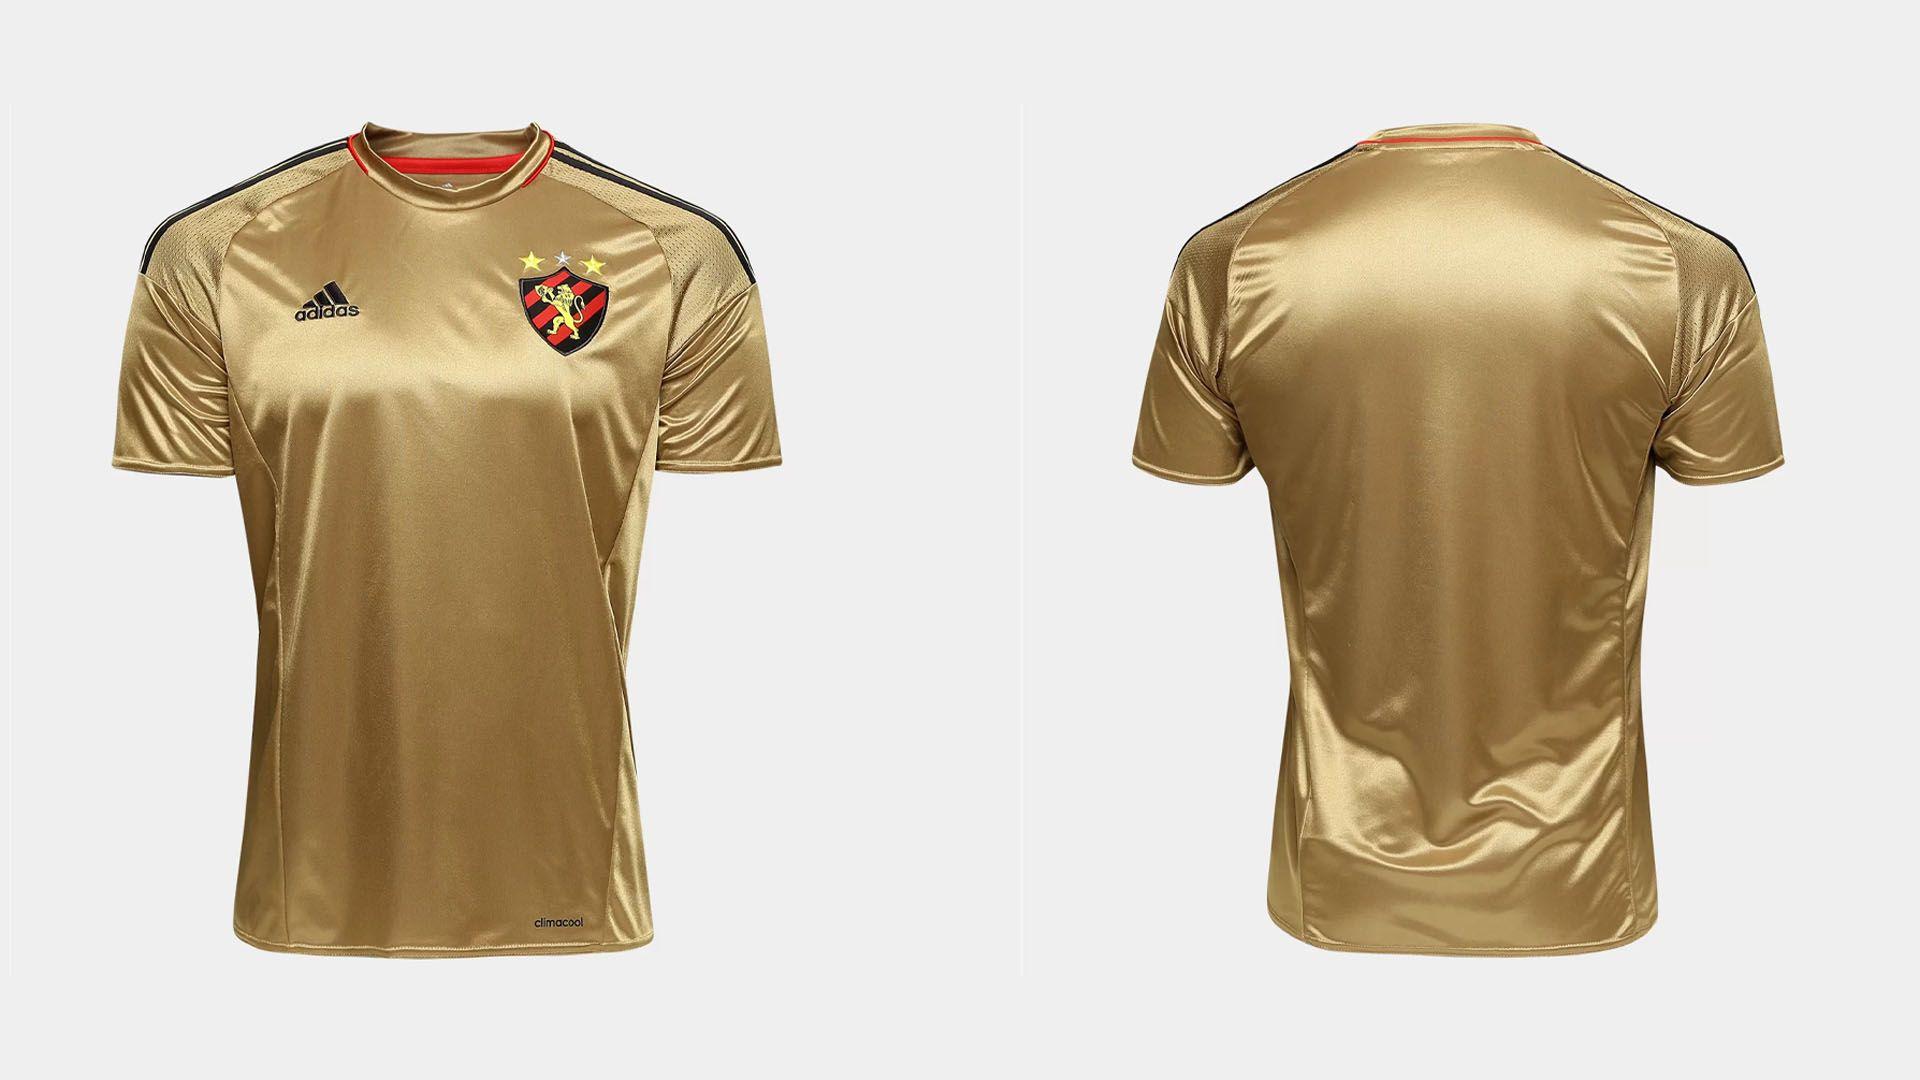 Camisa do Sport 2016 Adidas Jogo 3 (Imagem: Divulgação/Adidas)